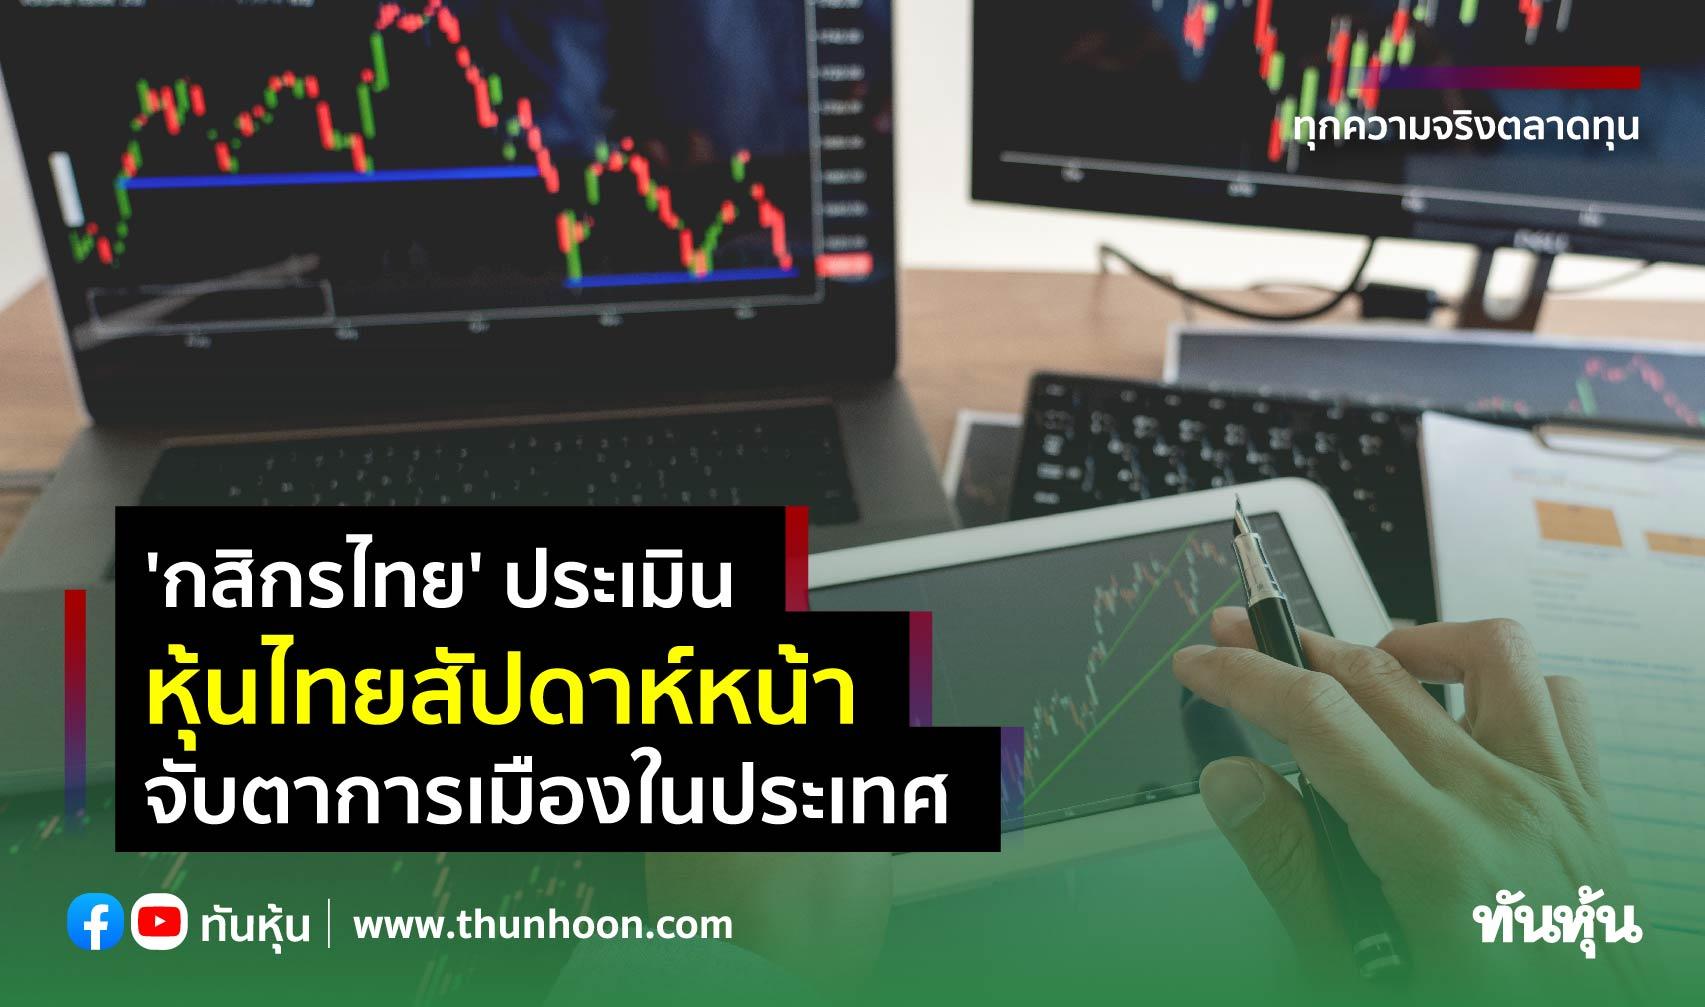 'กสิกรไทย' ส่องหุ้นไทยสัปดาห์หน้า จับตาการเมืองในประเทศ